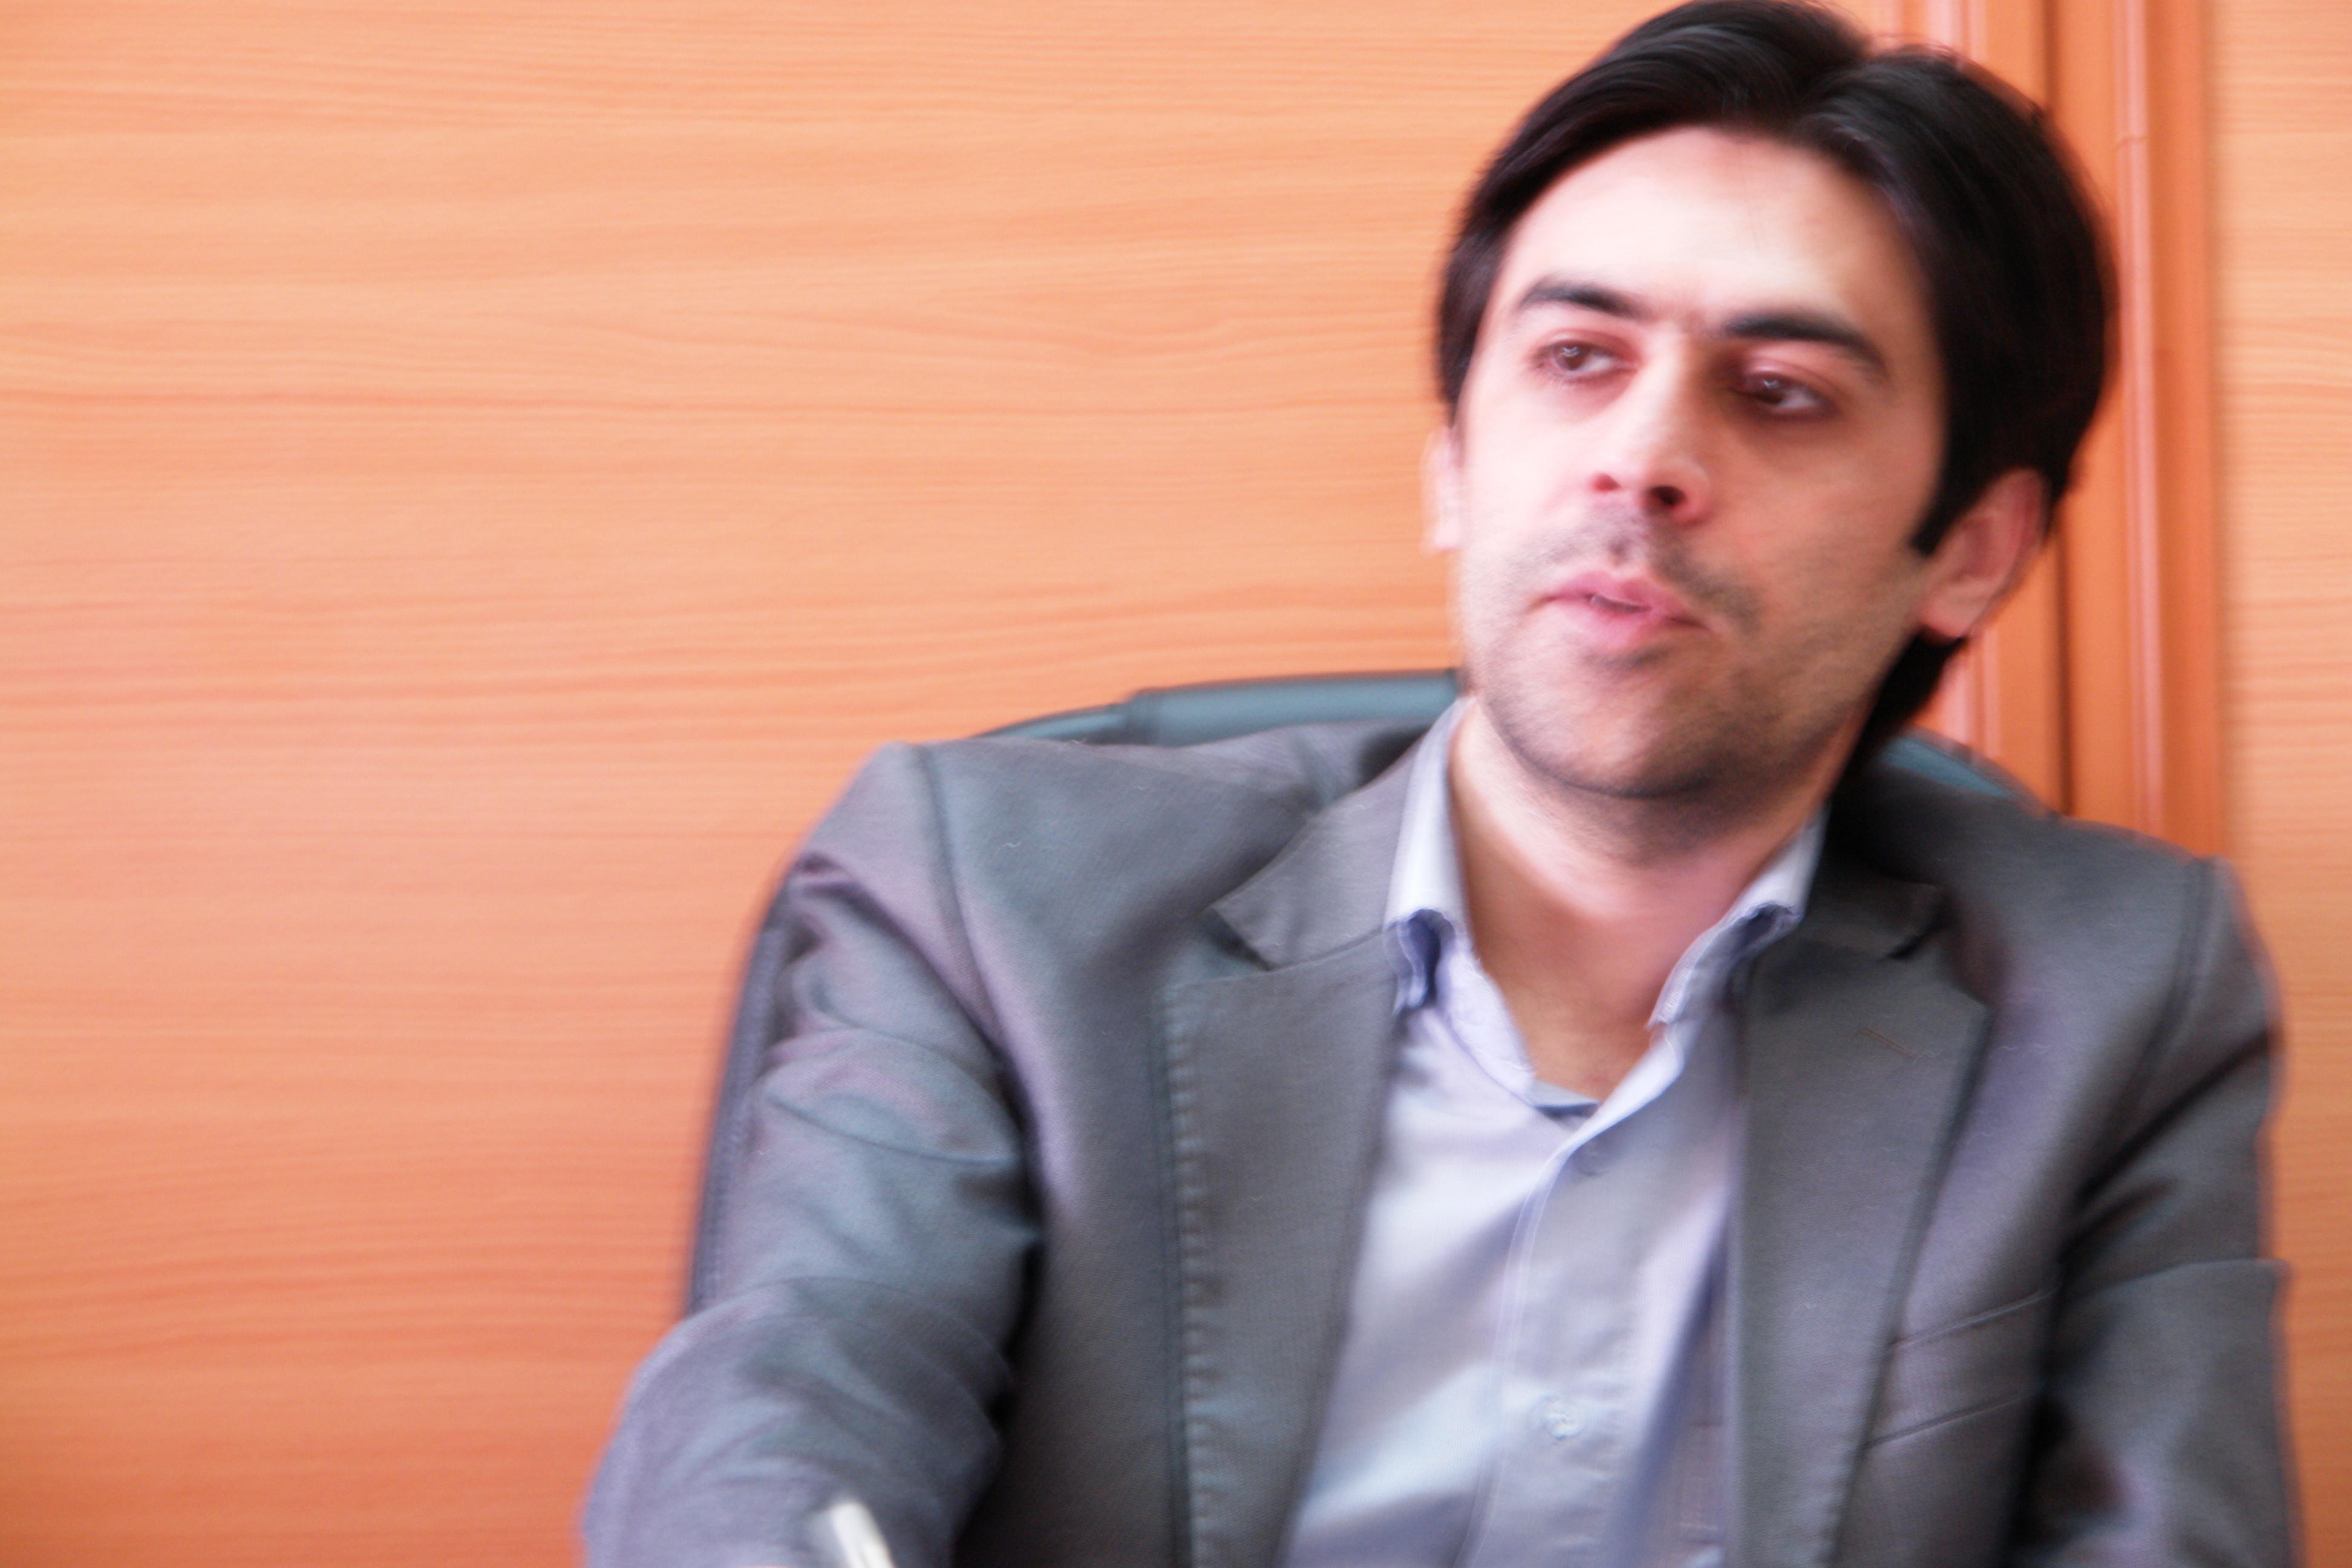 سید محمد رضا خوشرو